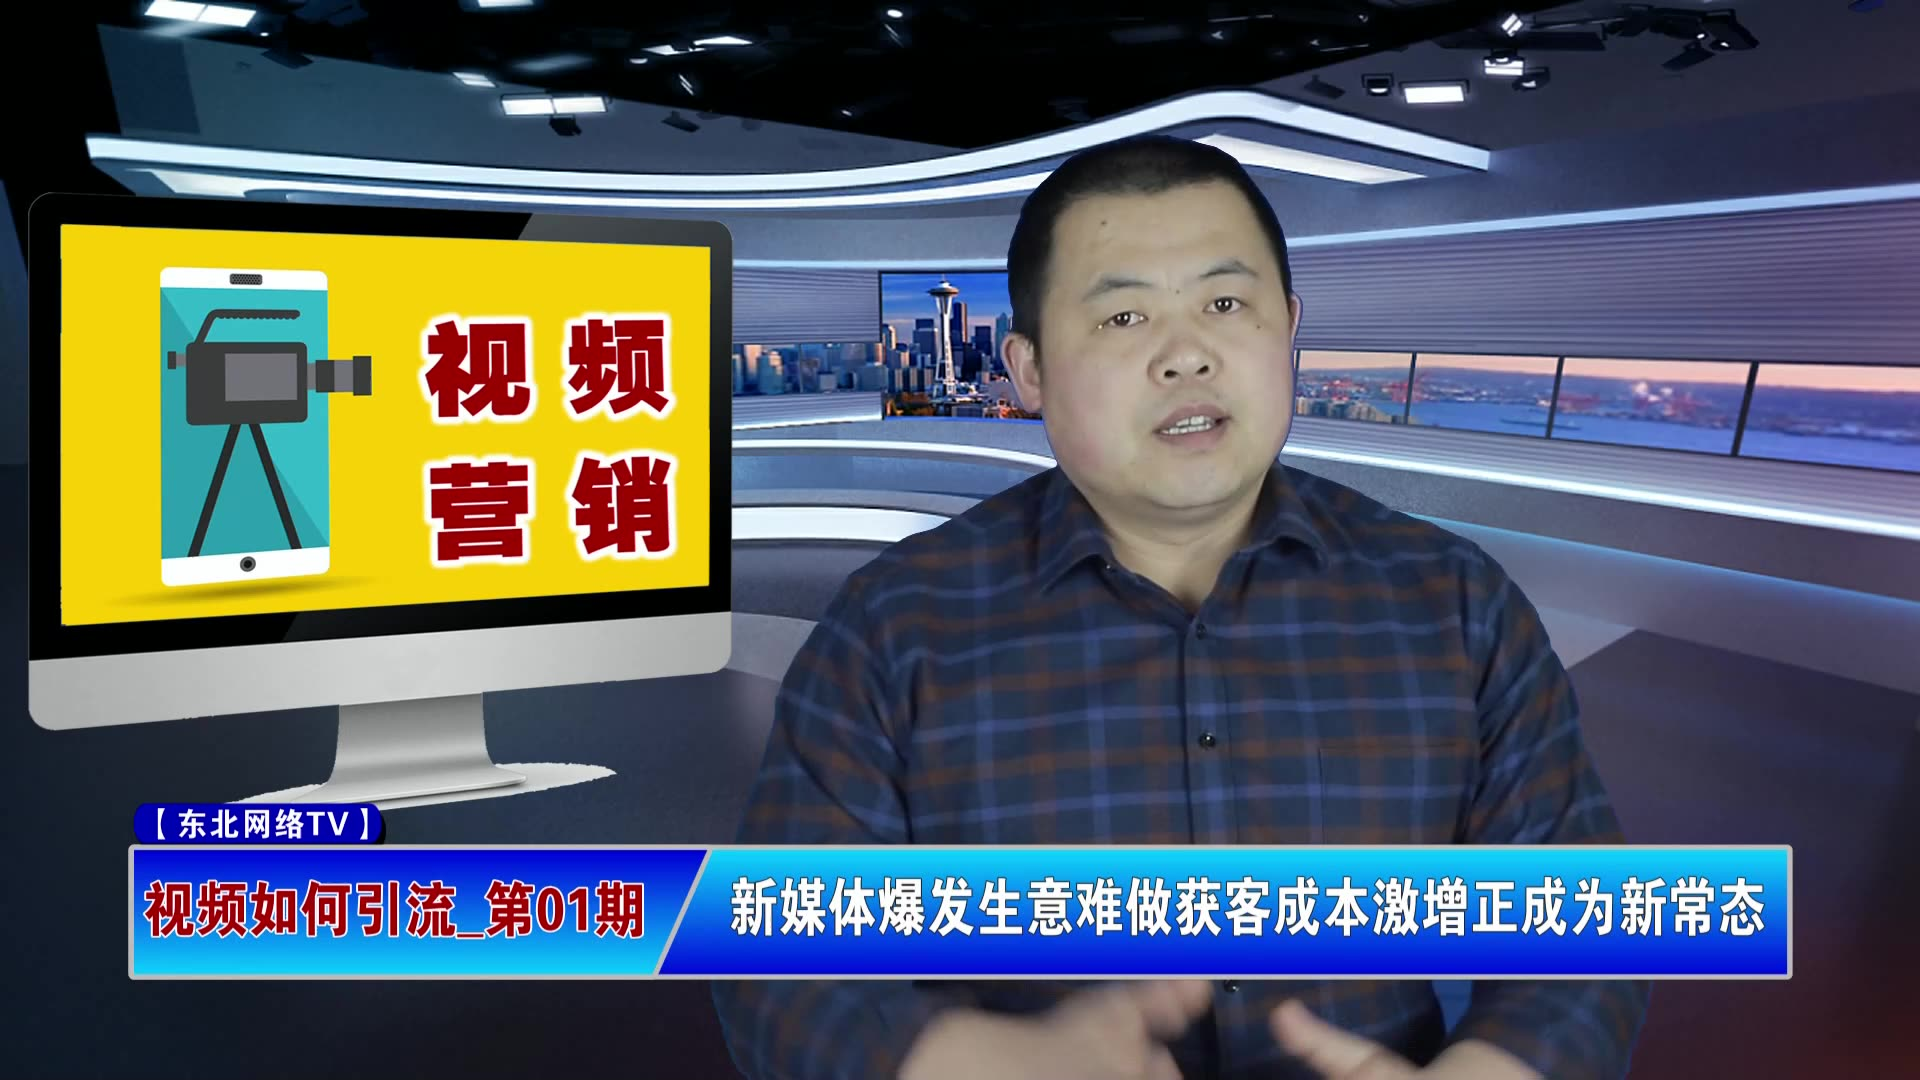 视频如何引流_01:新媒体爆发生意难做获客成本激增正成为新常态